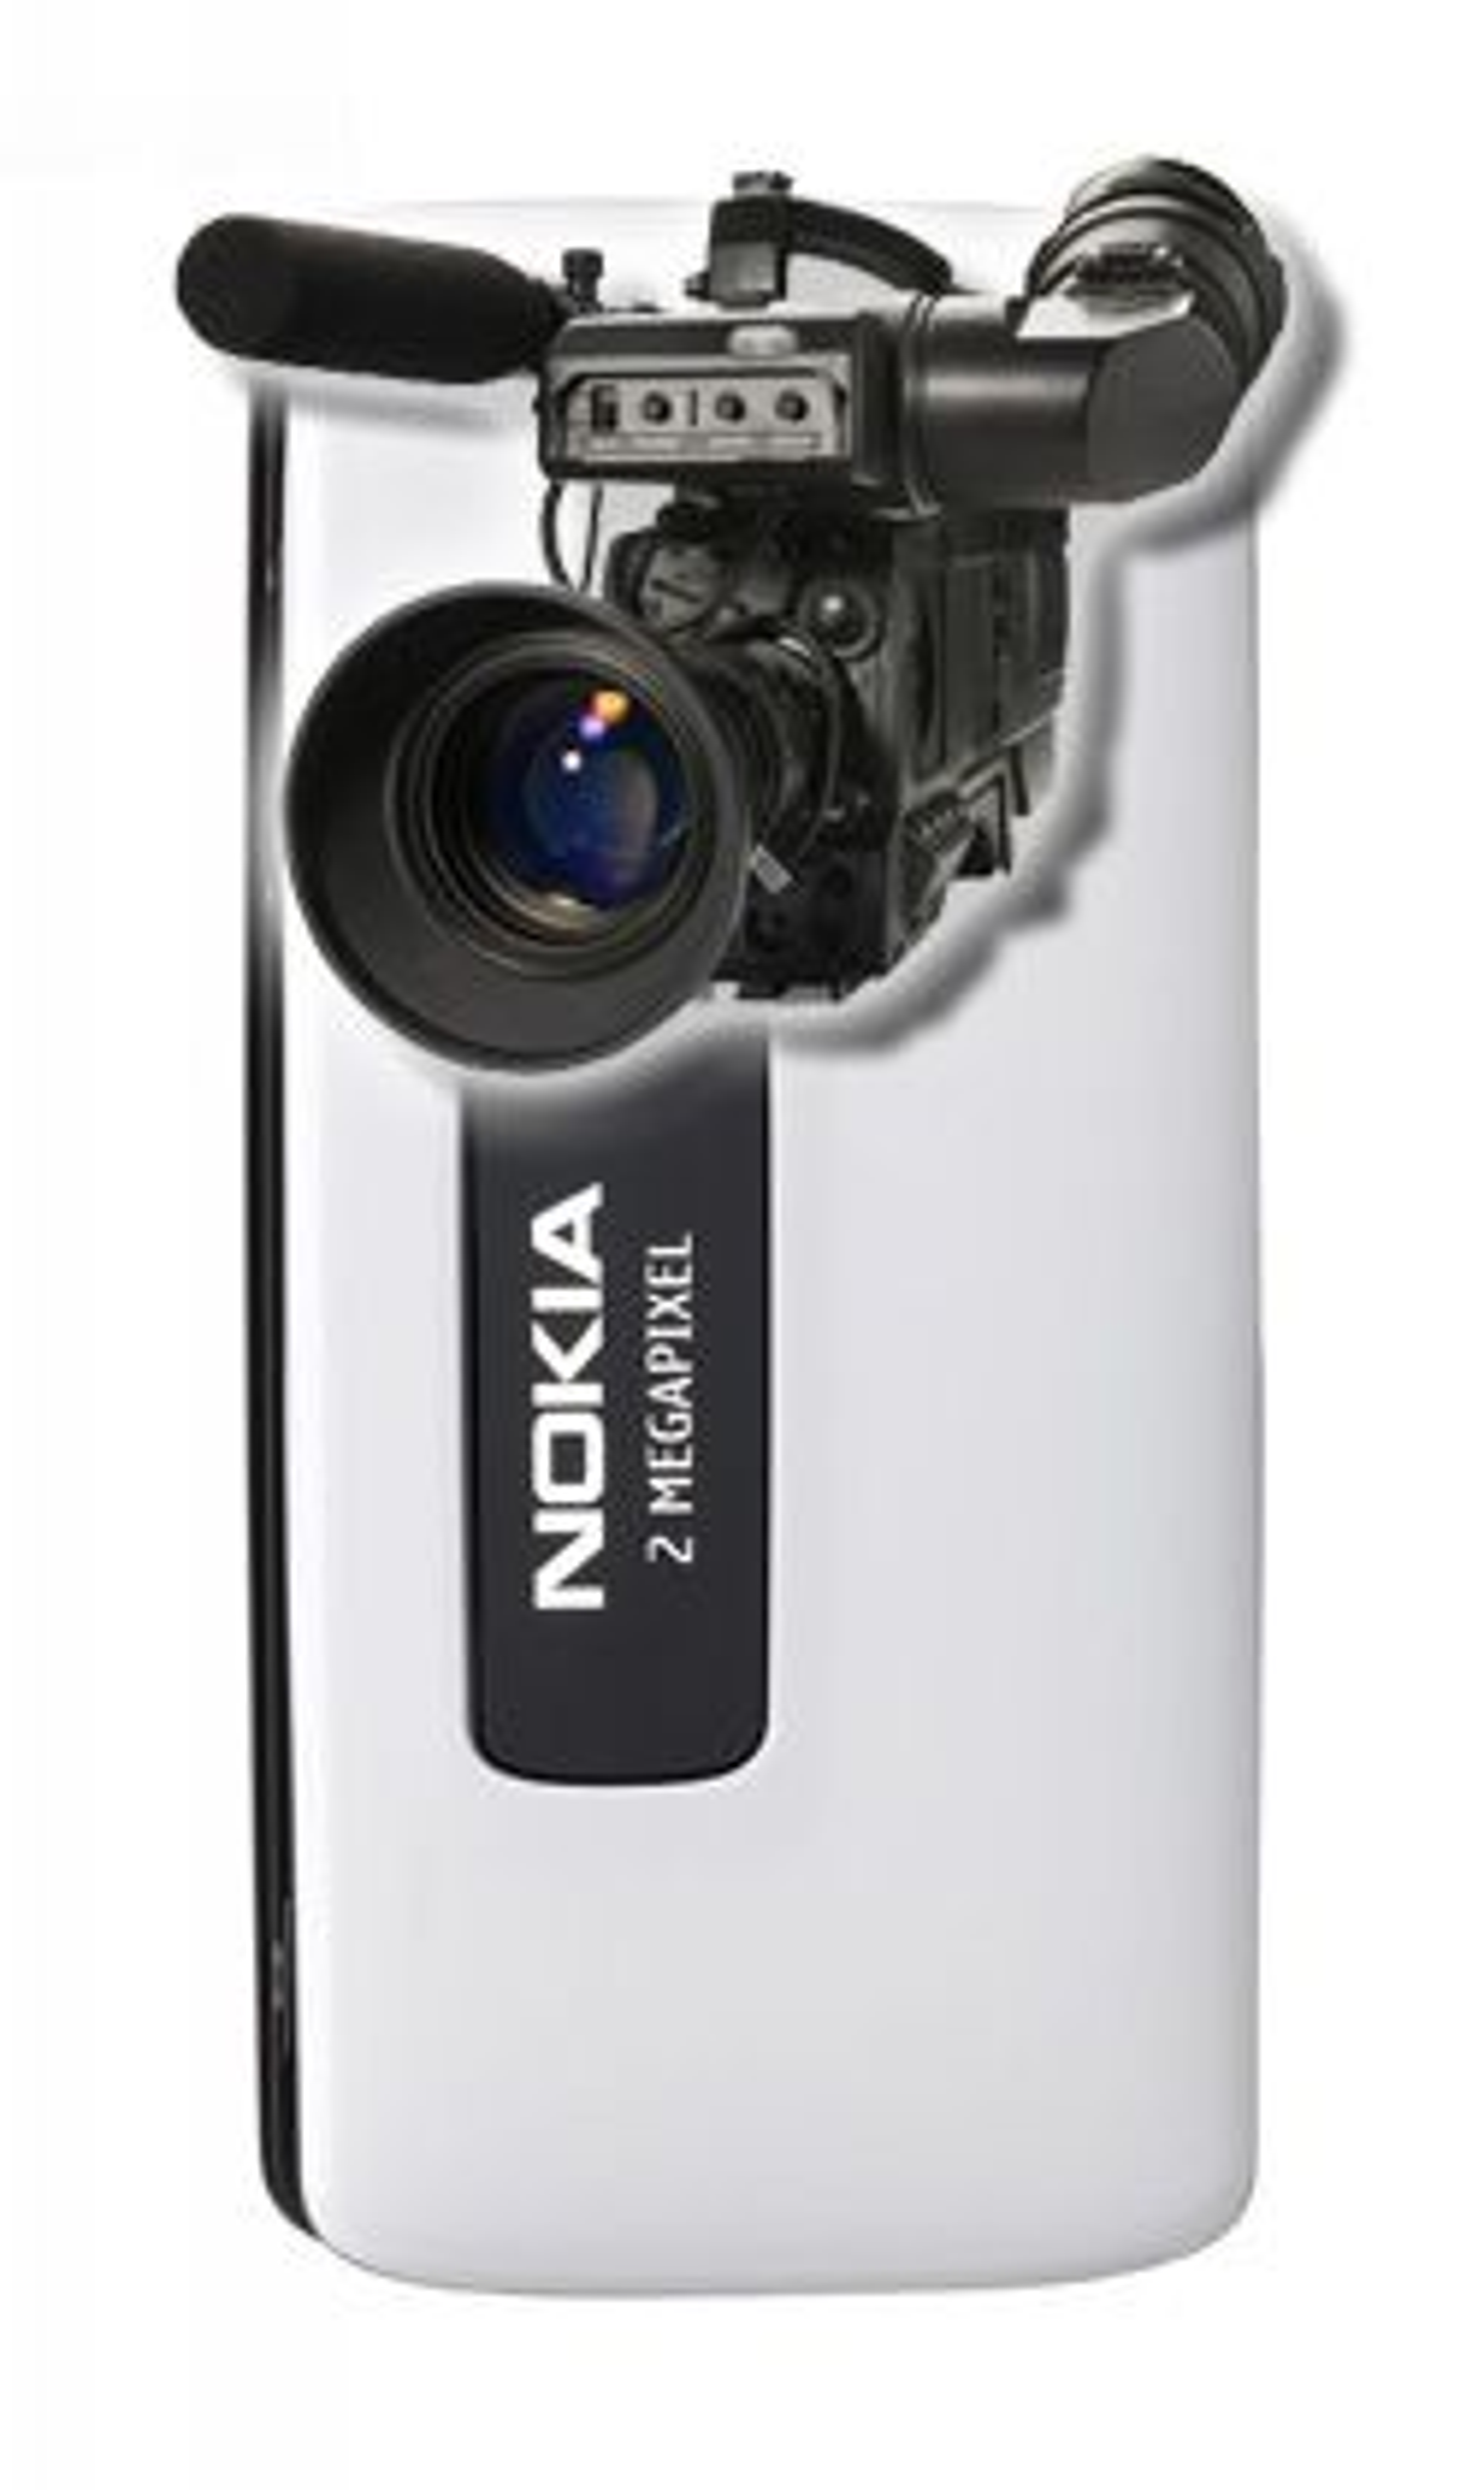 Nokia 6288 er et skikkelig videokamera. (Illustrasjon: Einar Eriksen)